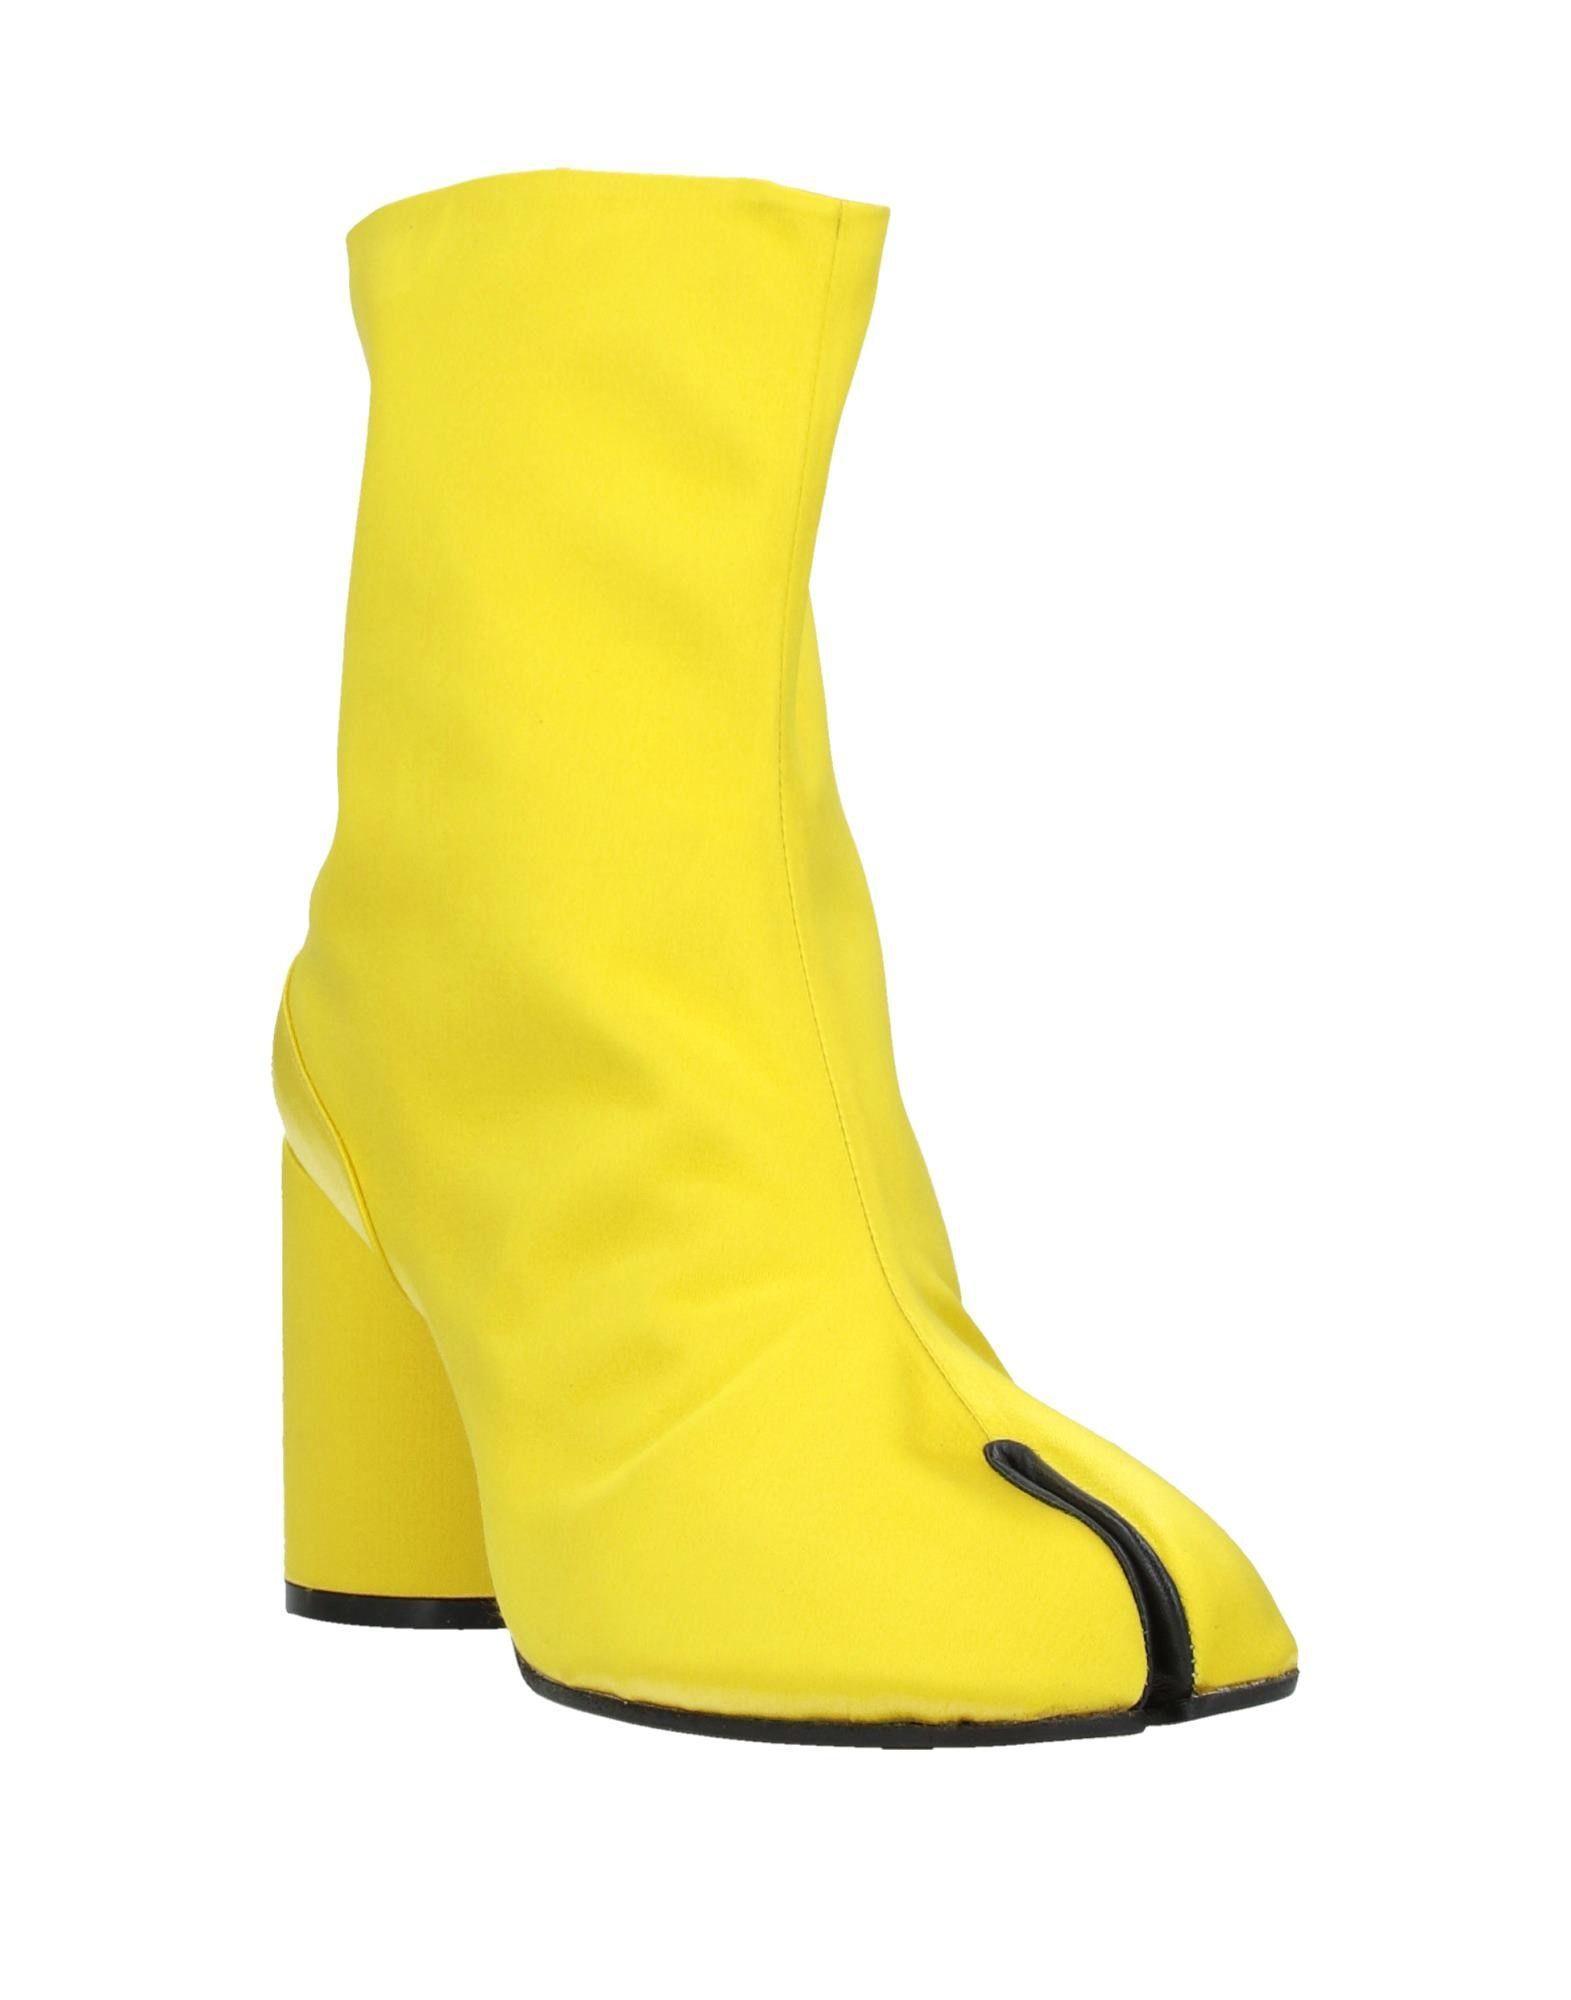 Botines de caña alta Maison Margiela de Raso de color Amarillo